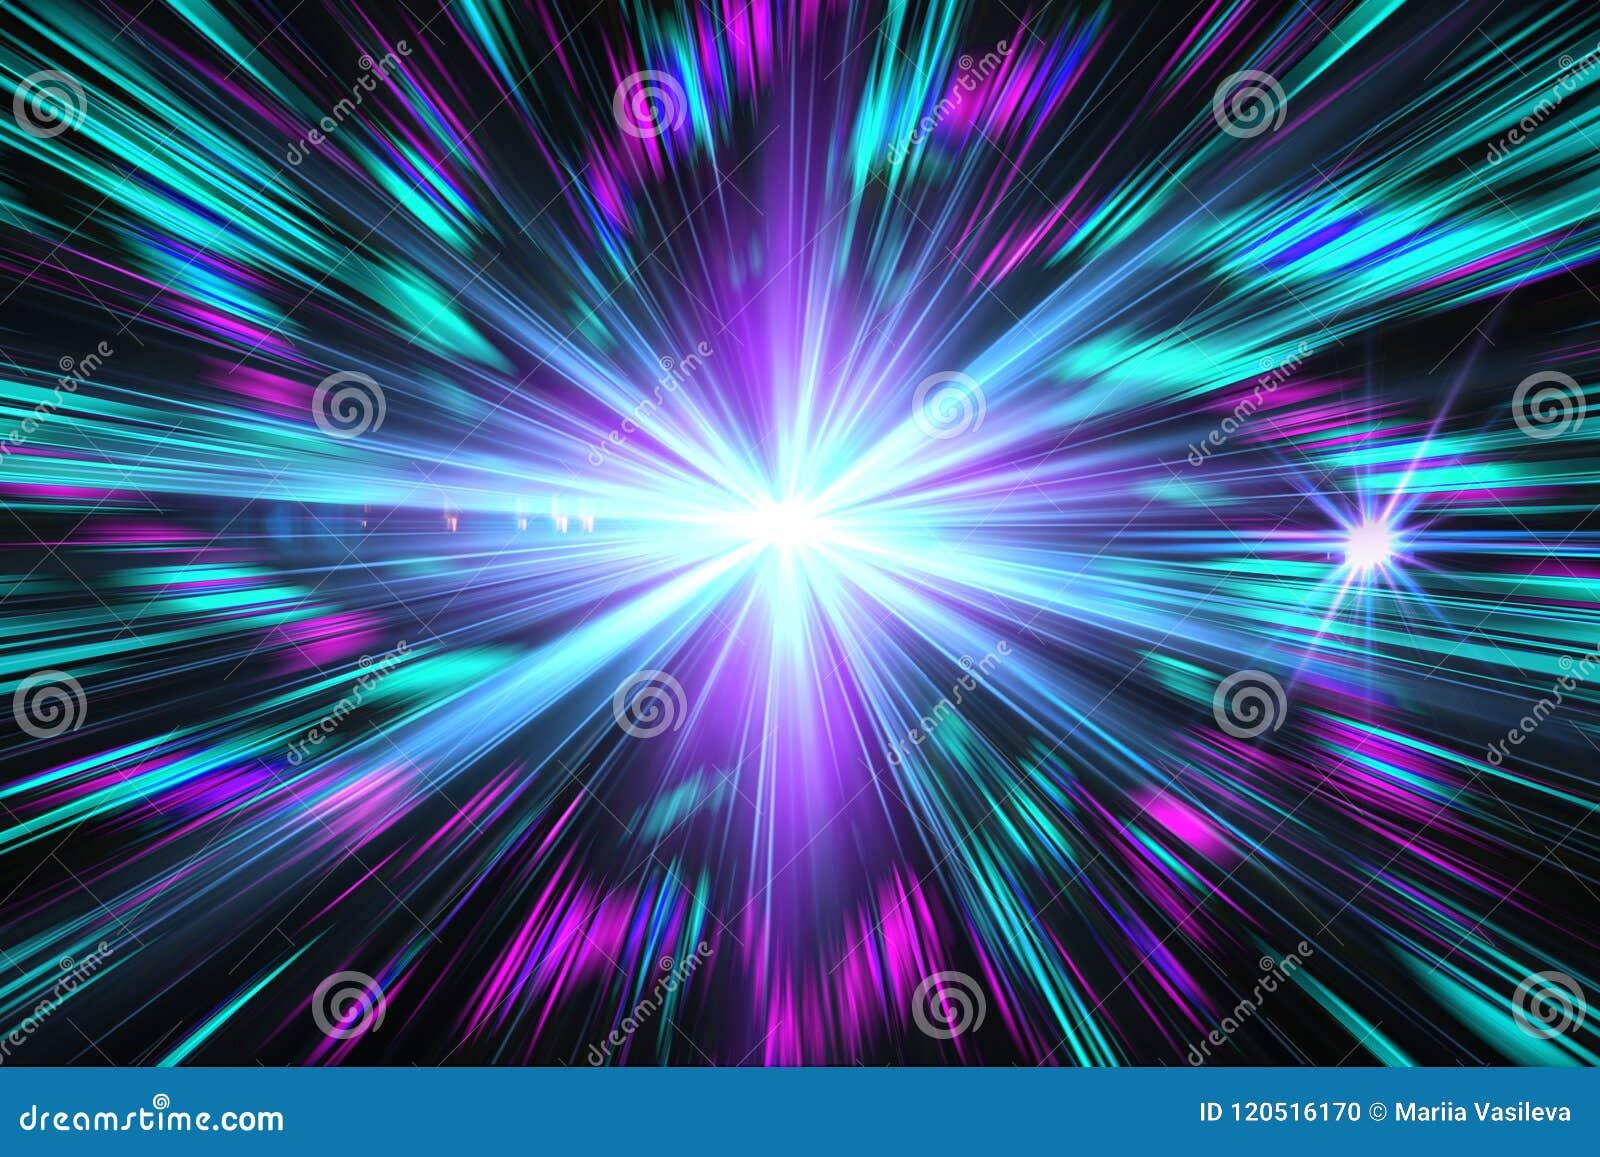 Μπλε ελαφριά επίδραση, περίληψη, έκρηξη αστεριών, λάμψη, ακτίνα λέιζερ, glit